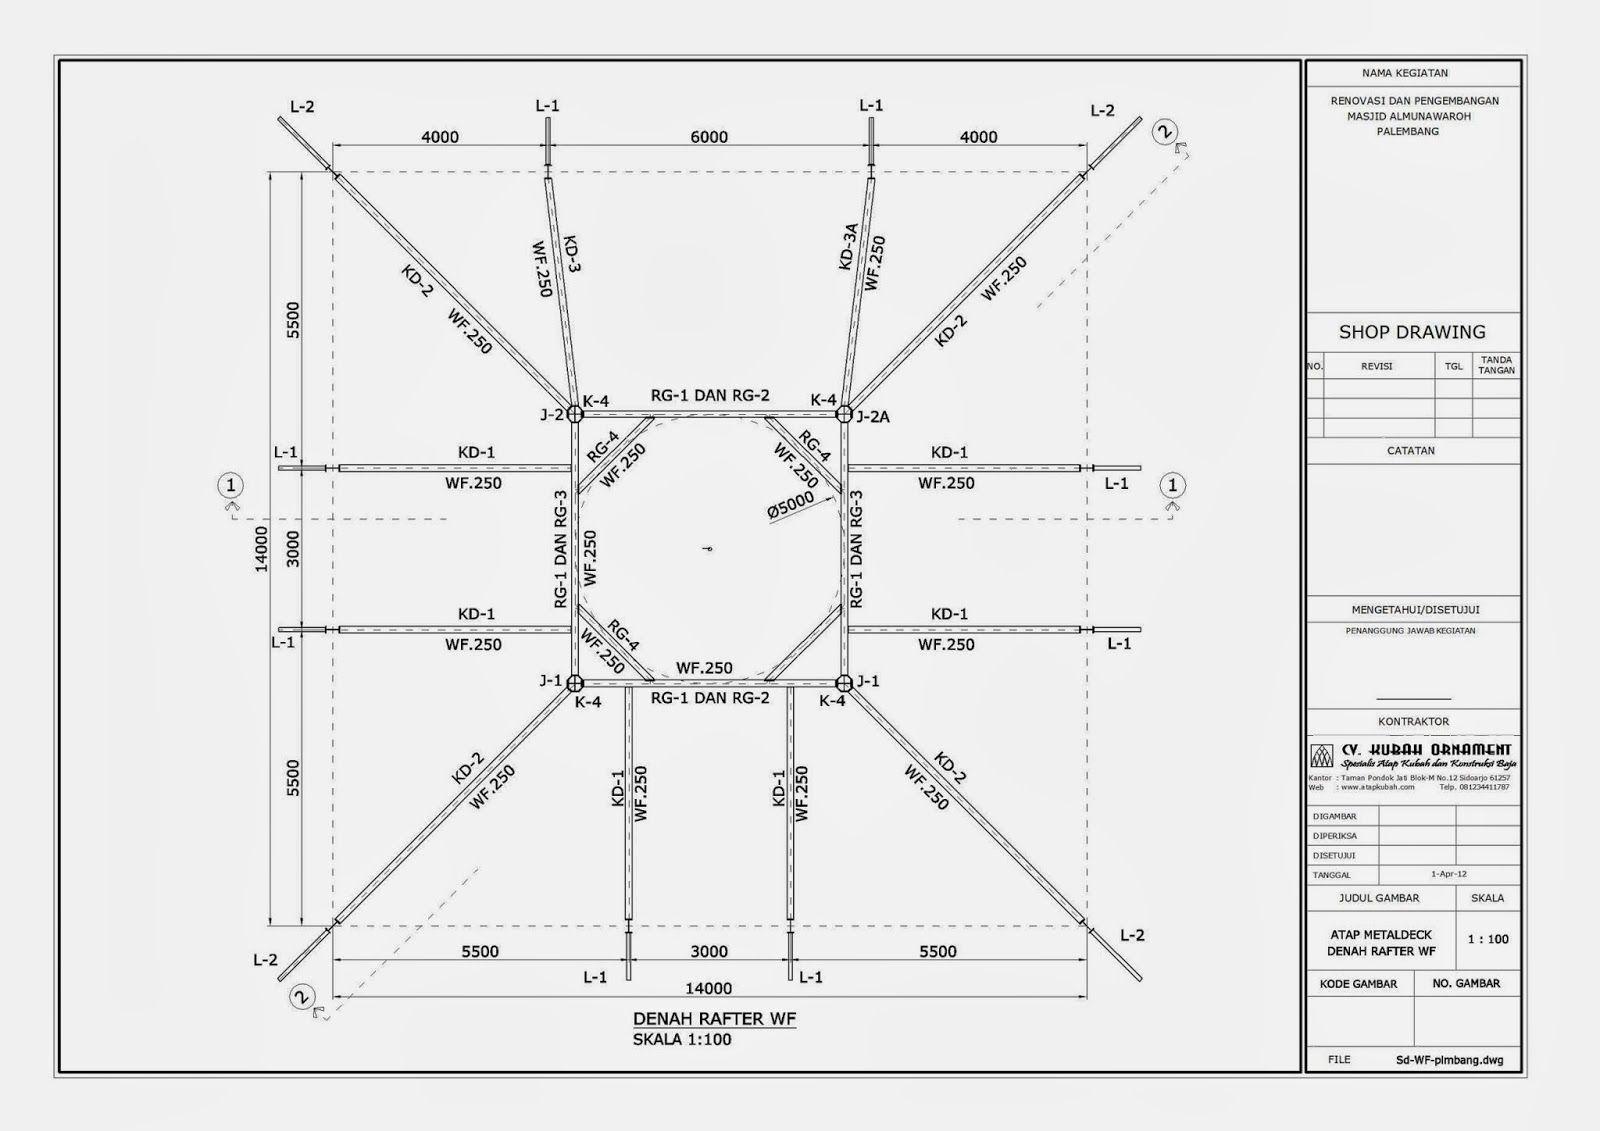 baja ringan wikipedia desain konstruksi atap wf bangunan rumah di 2020